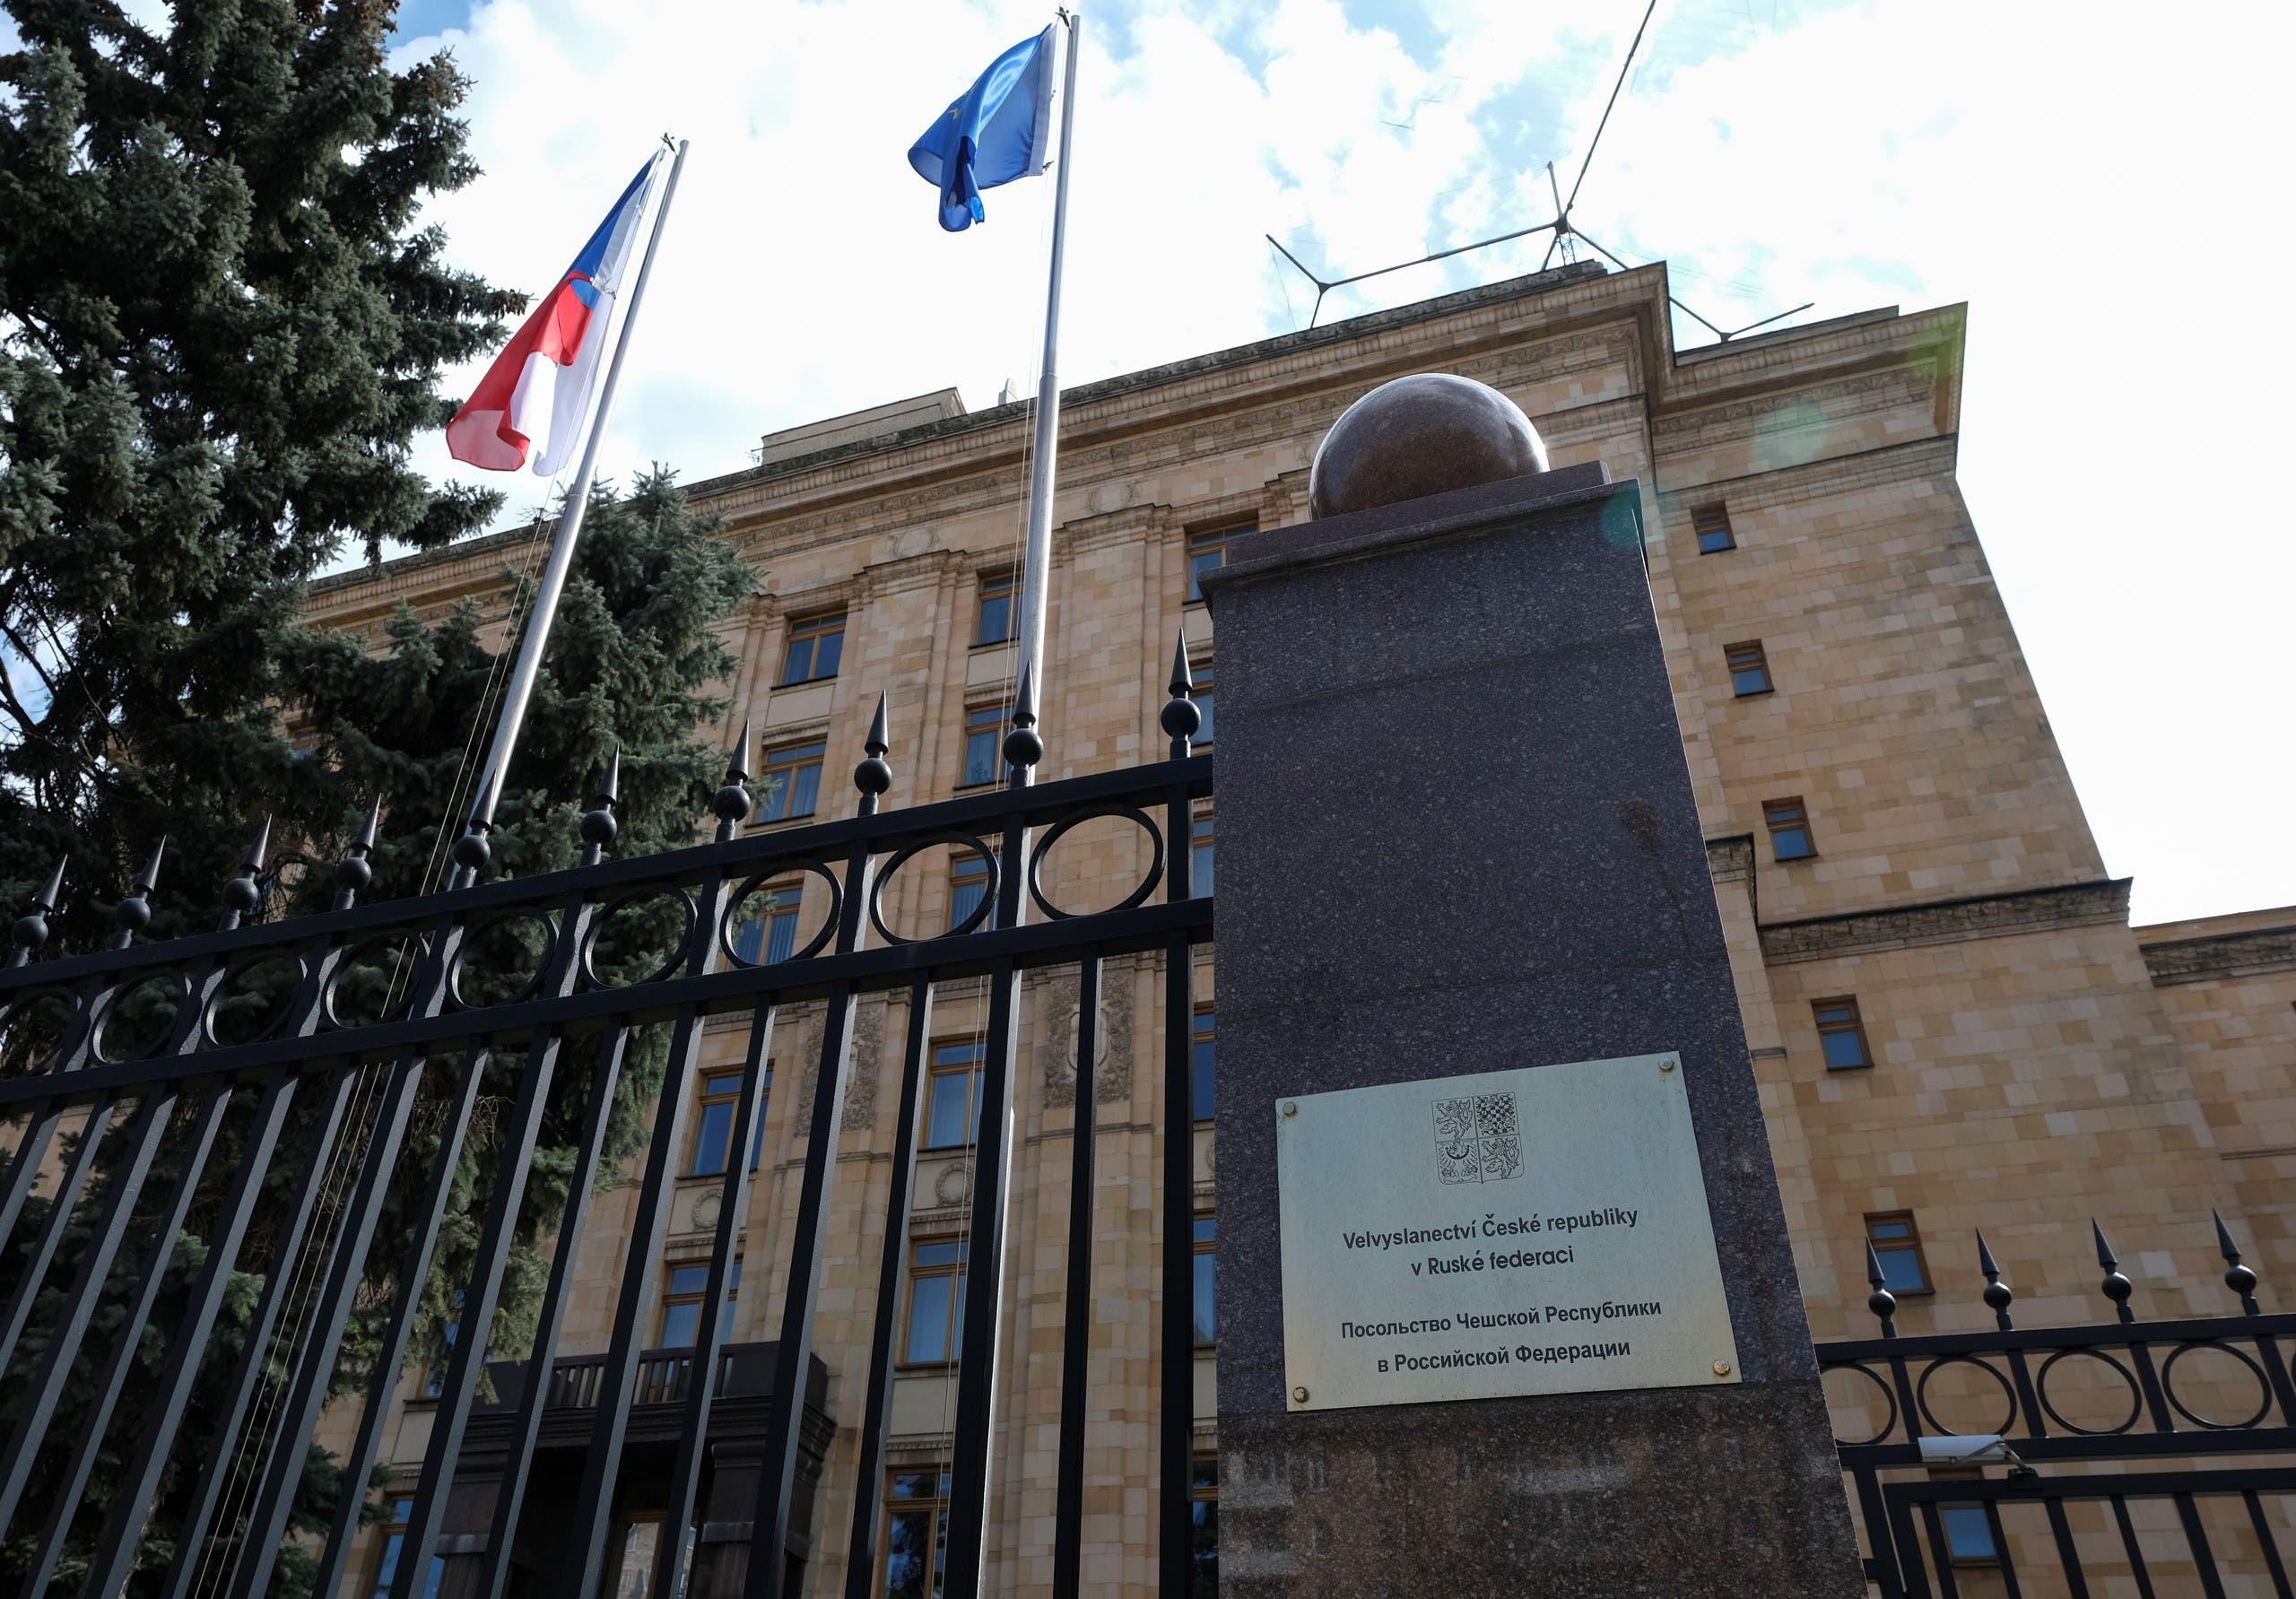 سفارة تشيكيا في موسكو